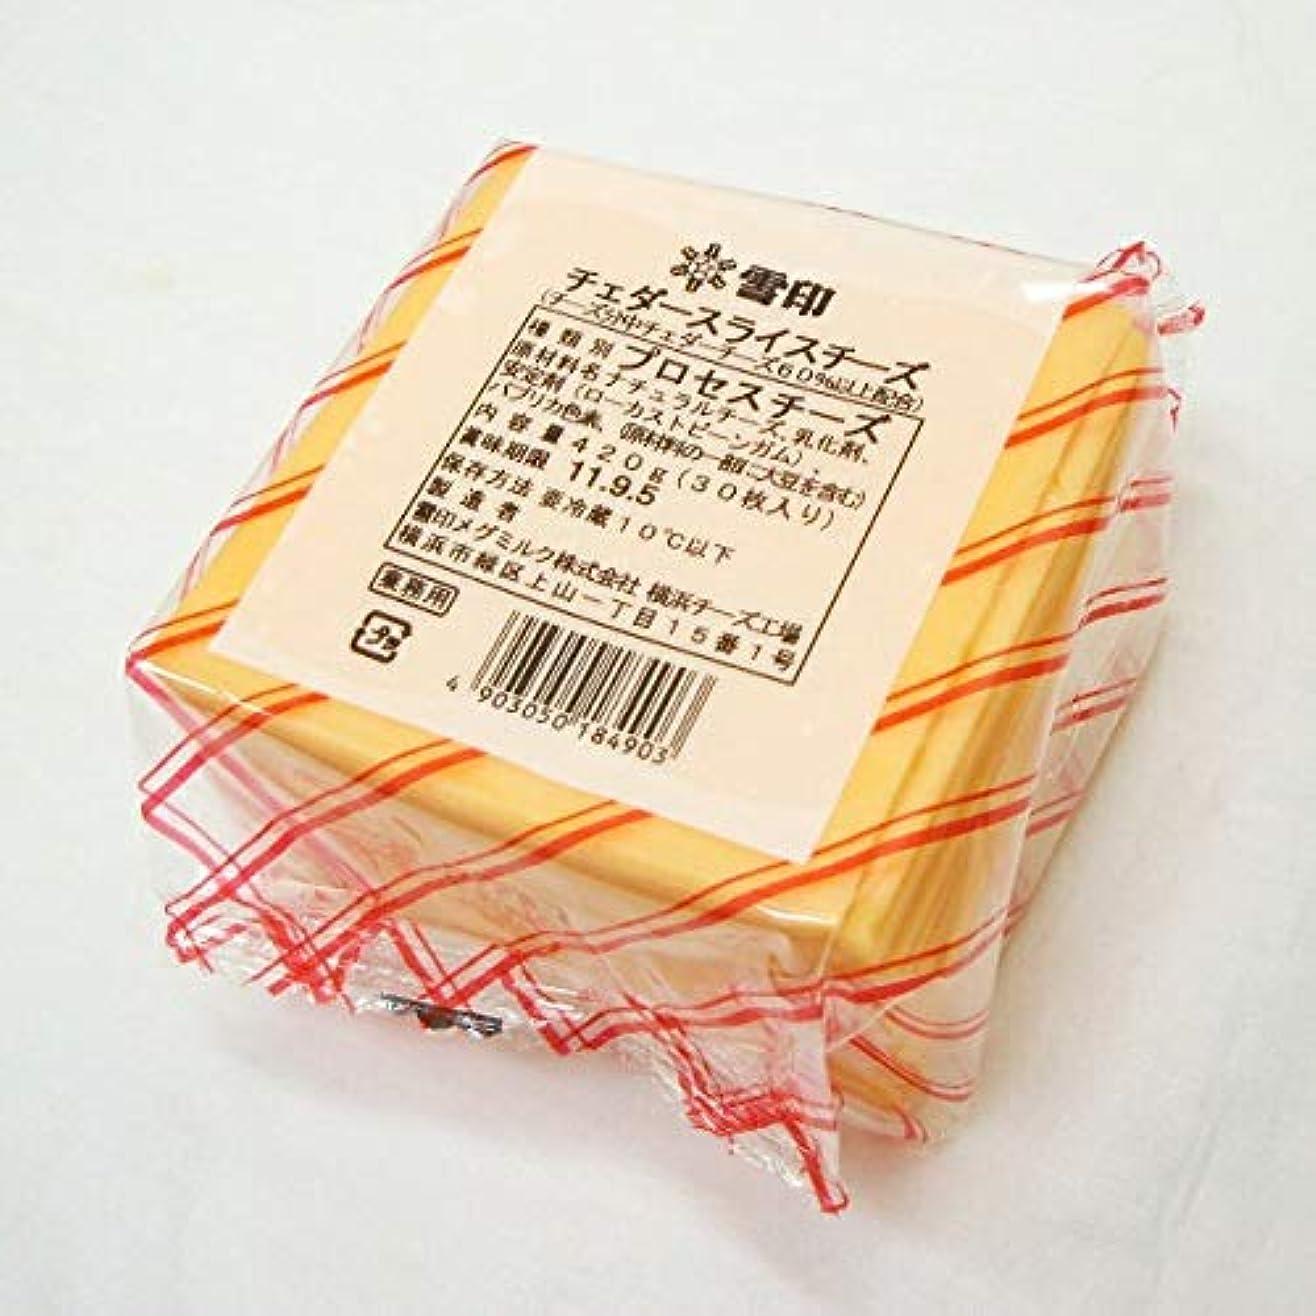 拷問ピンク黒人【冷蔵品】雪印) チェダー スライスチーズ 30枚入 420g